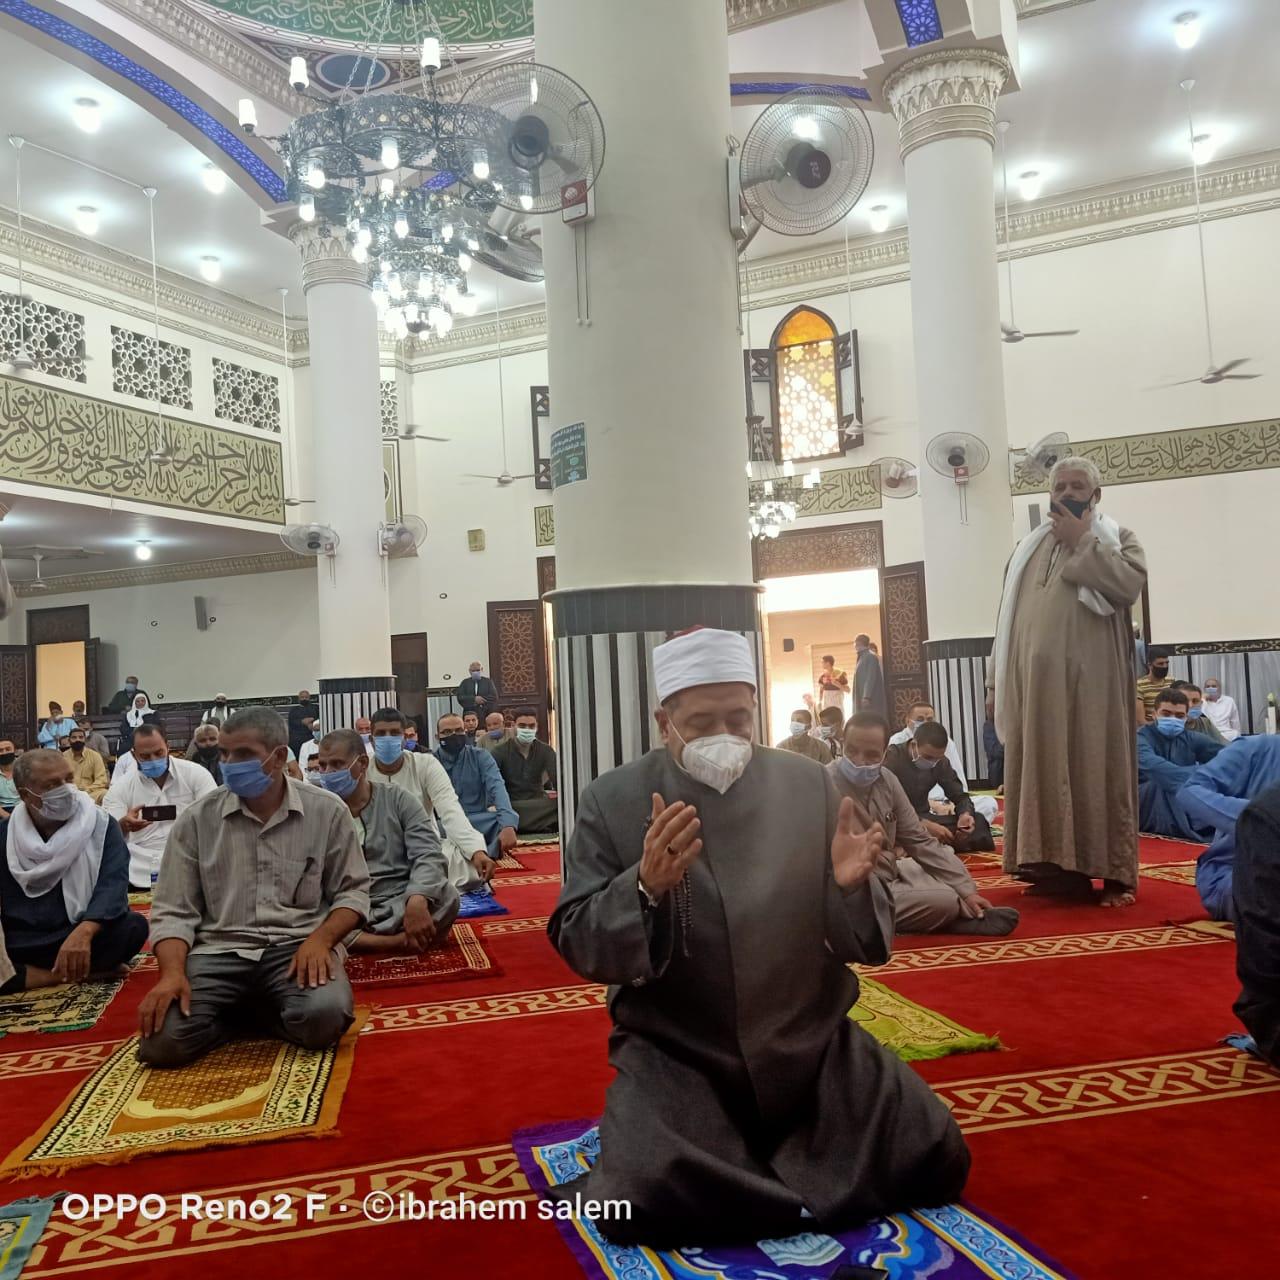 وكيل وزار الأوقاف يؤدى صلاة الجمعة بمسجد الدرب الكبير